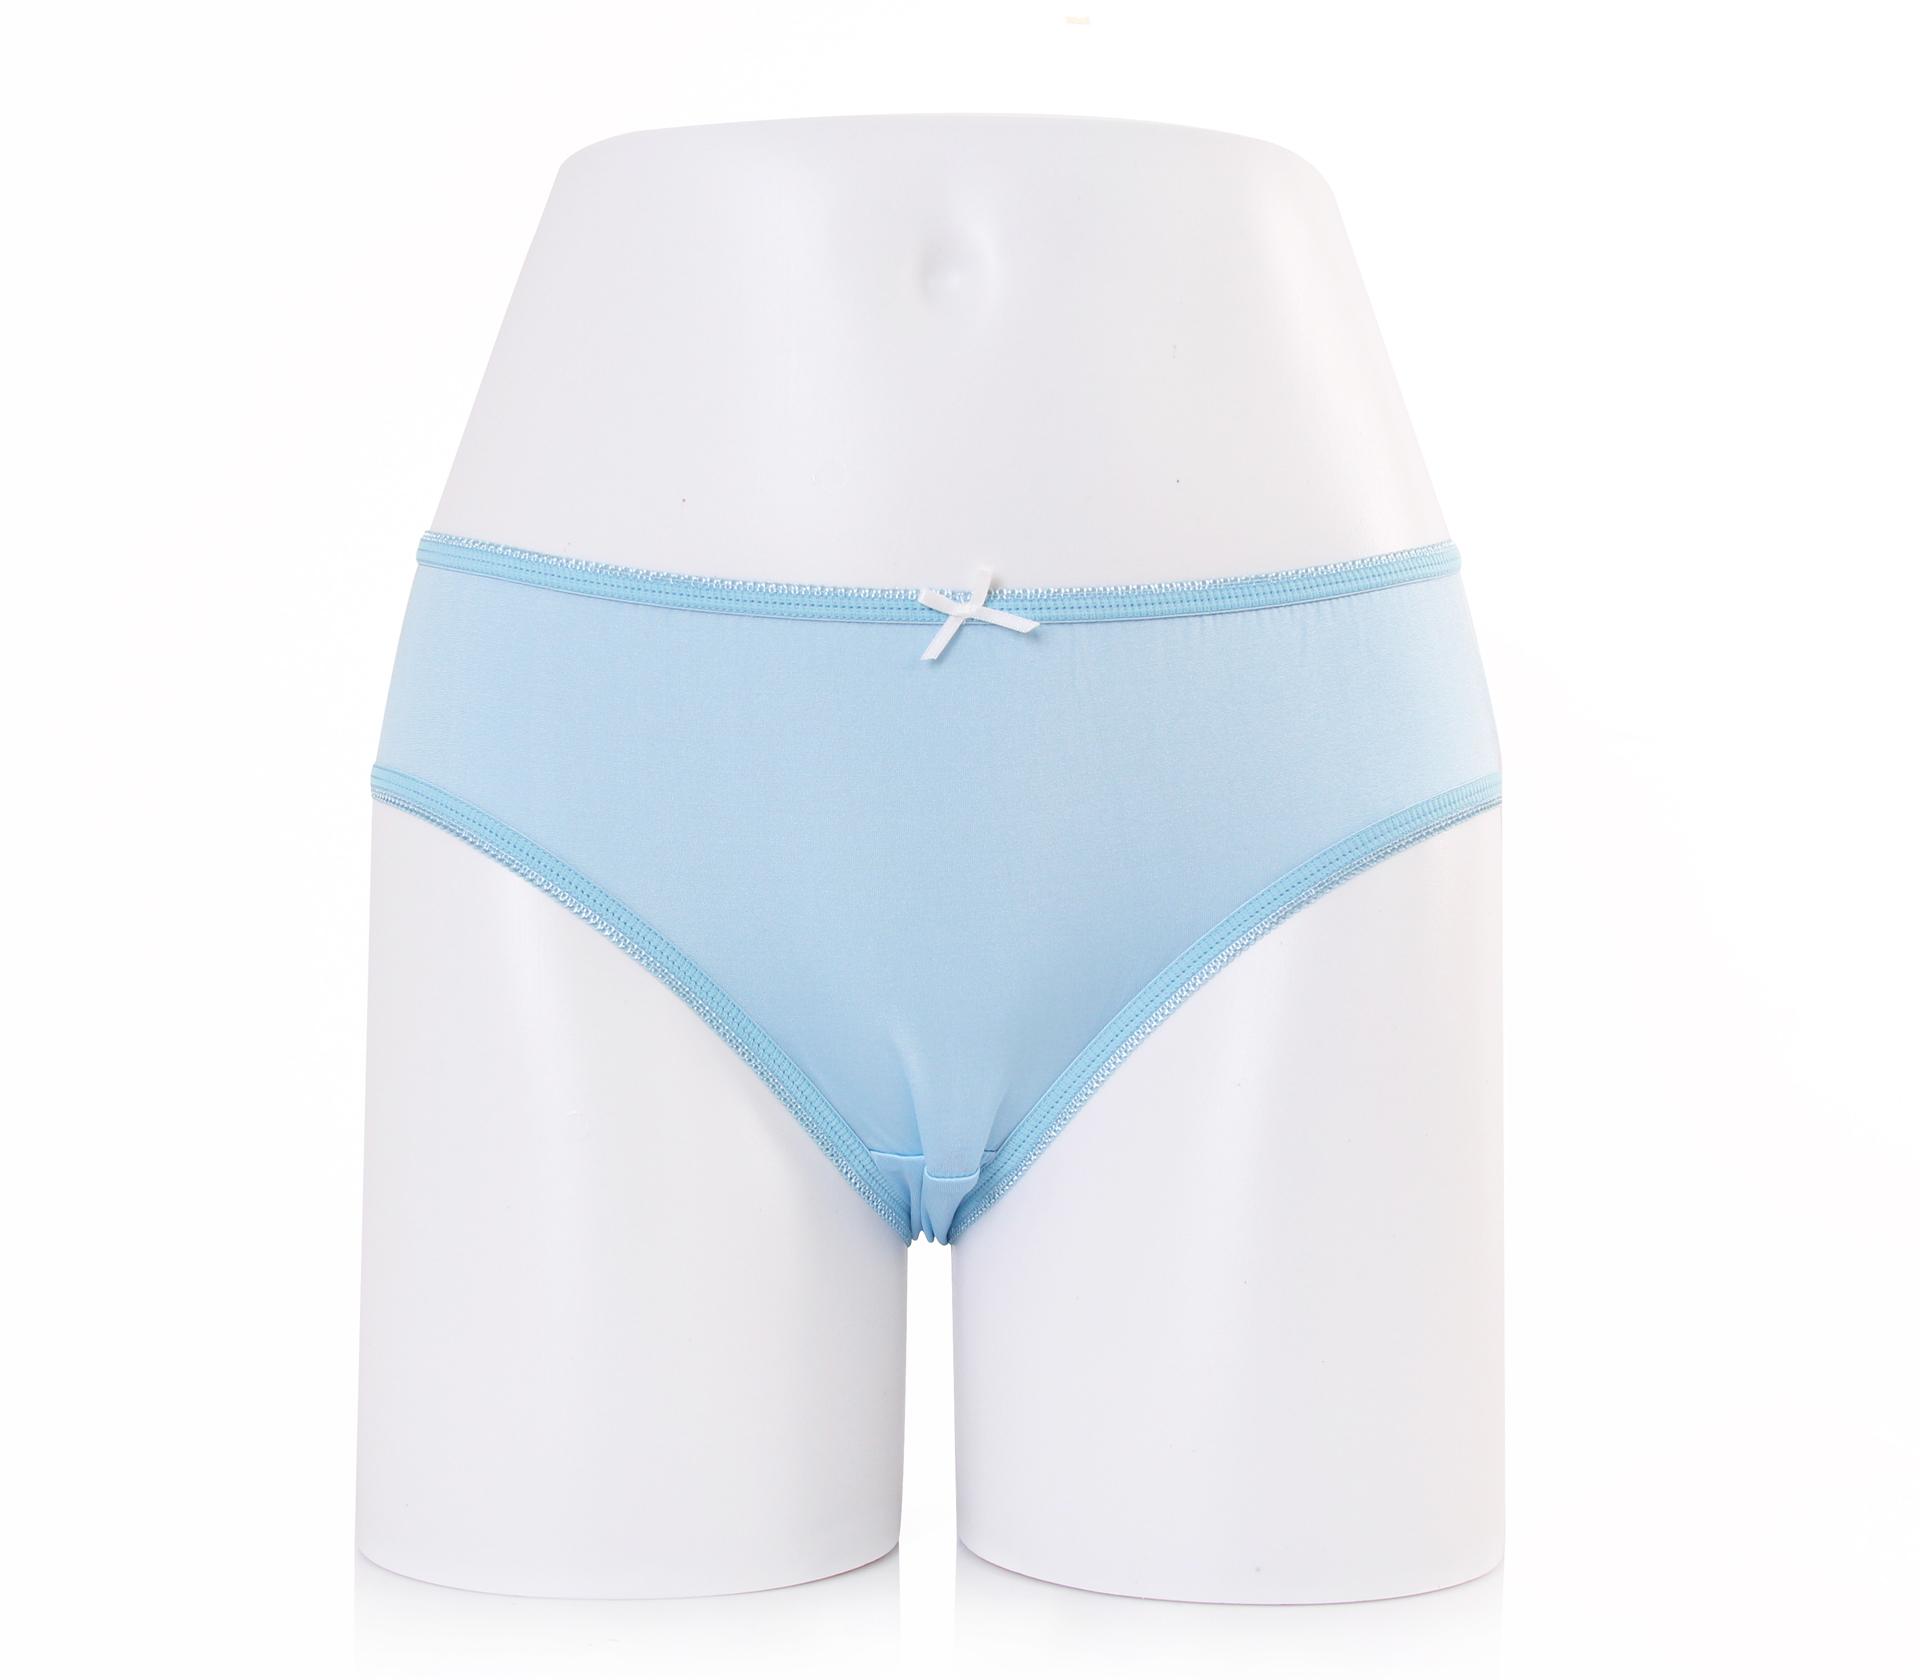 闕蘭絹可愛粉嫩30針100%蠶絲內褲-2221(藍)